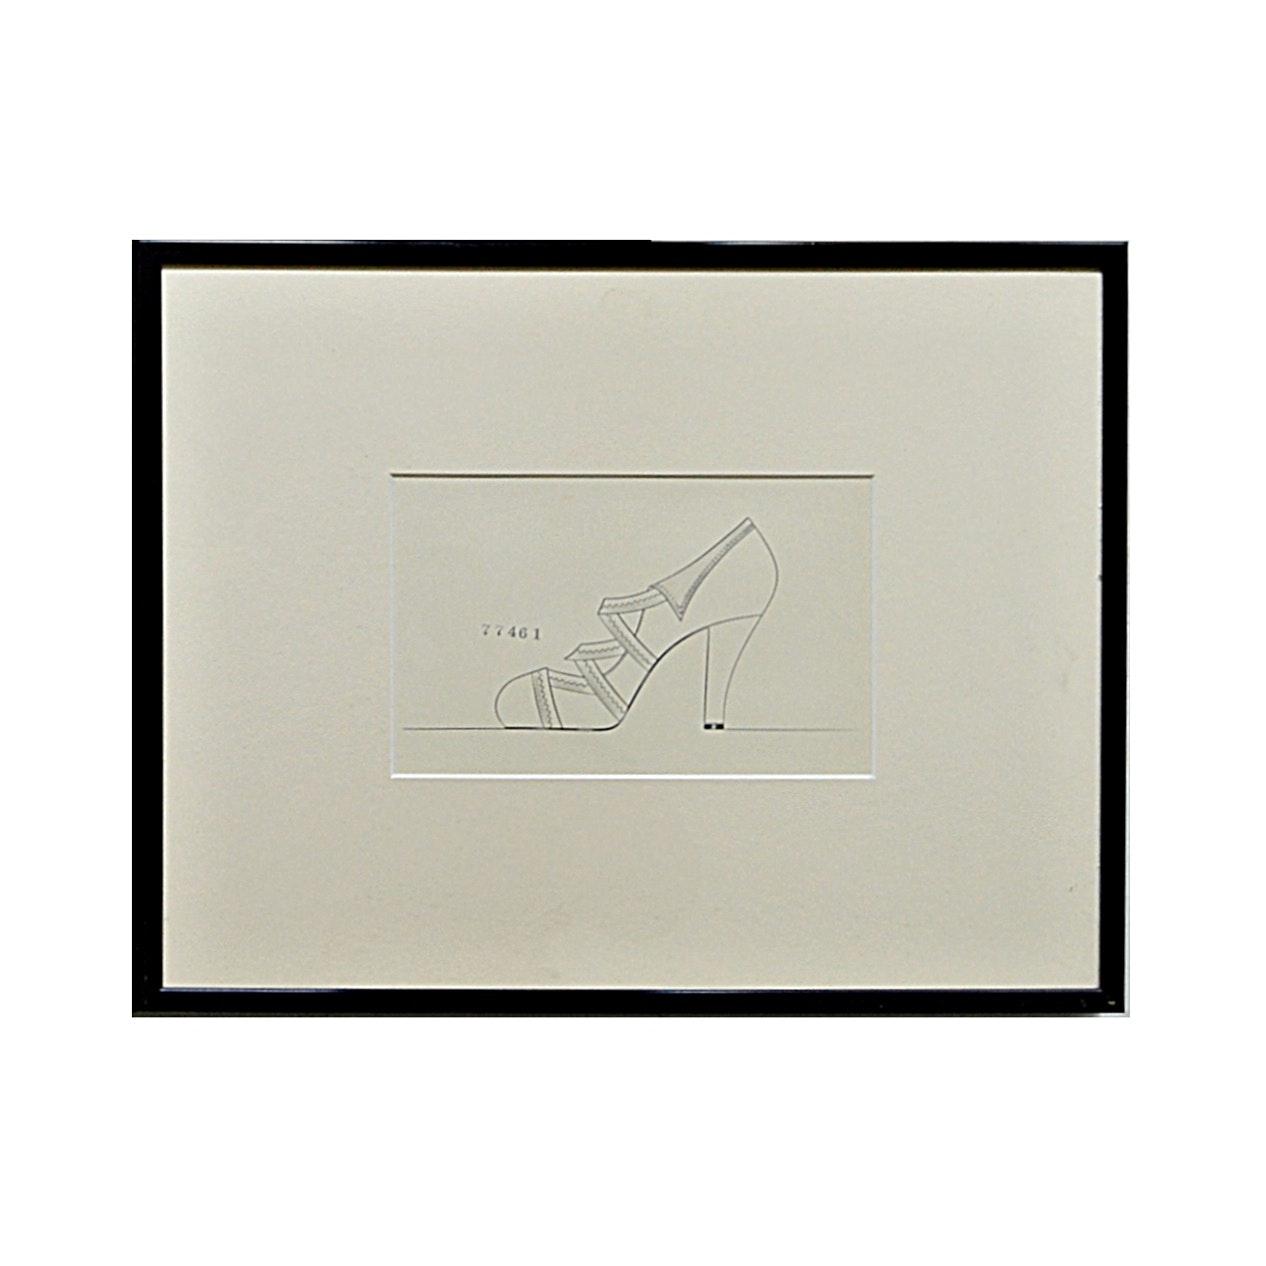 Original Pencil Rendering of a Vintage Shoe